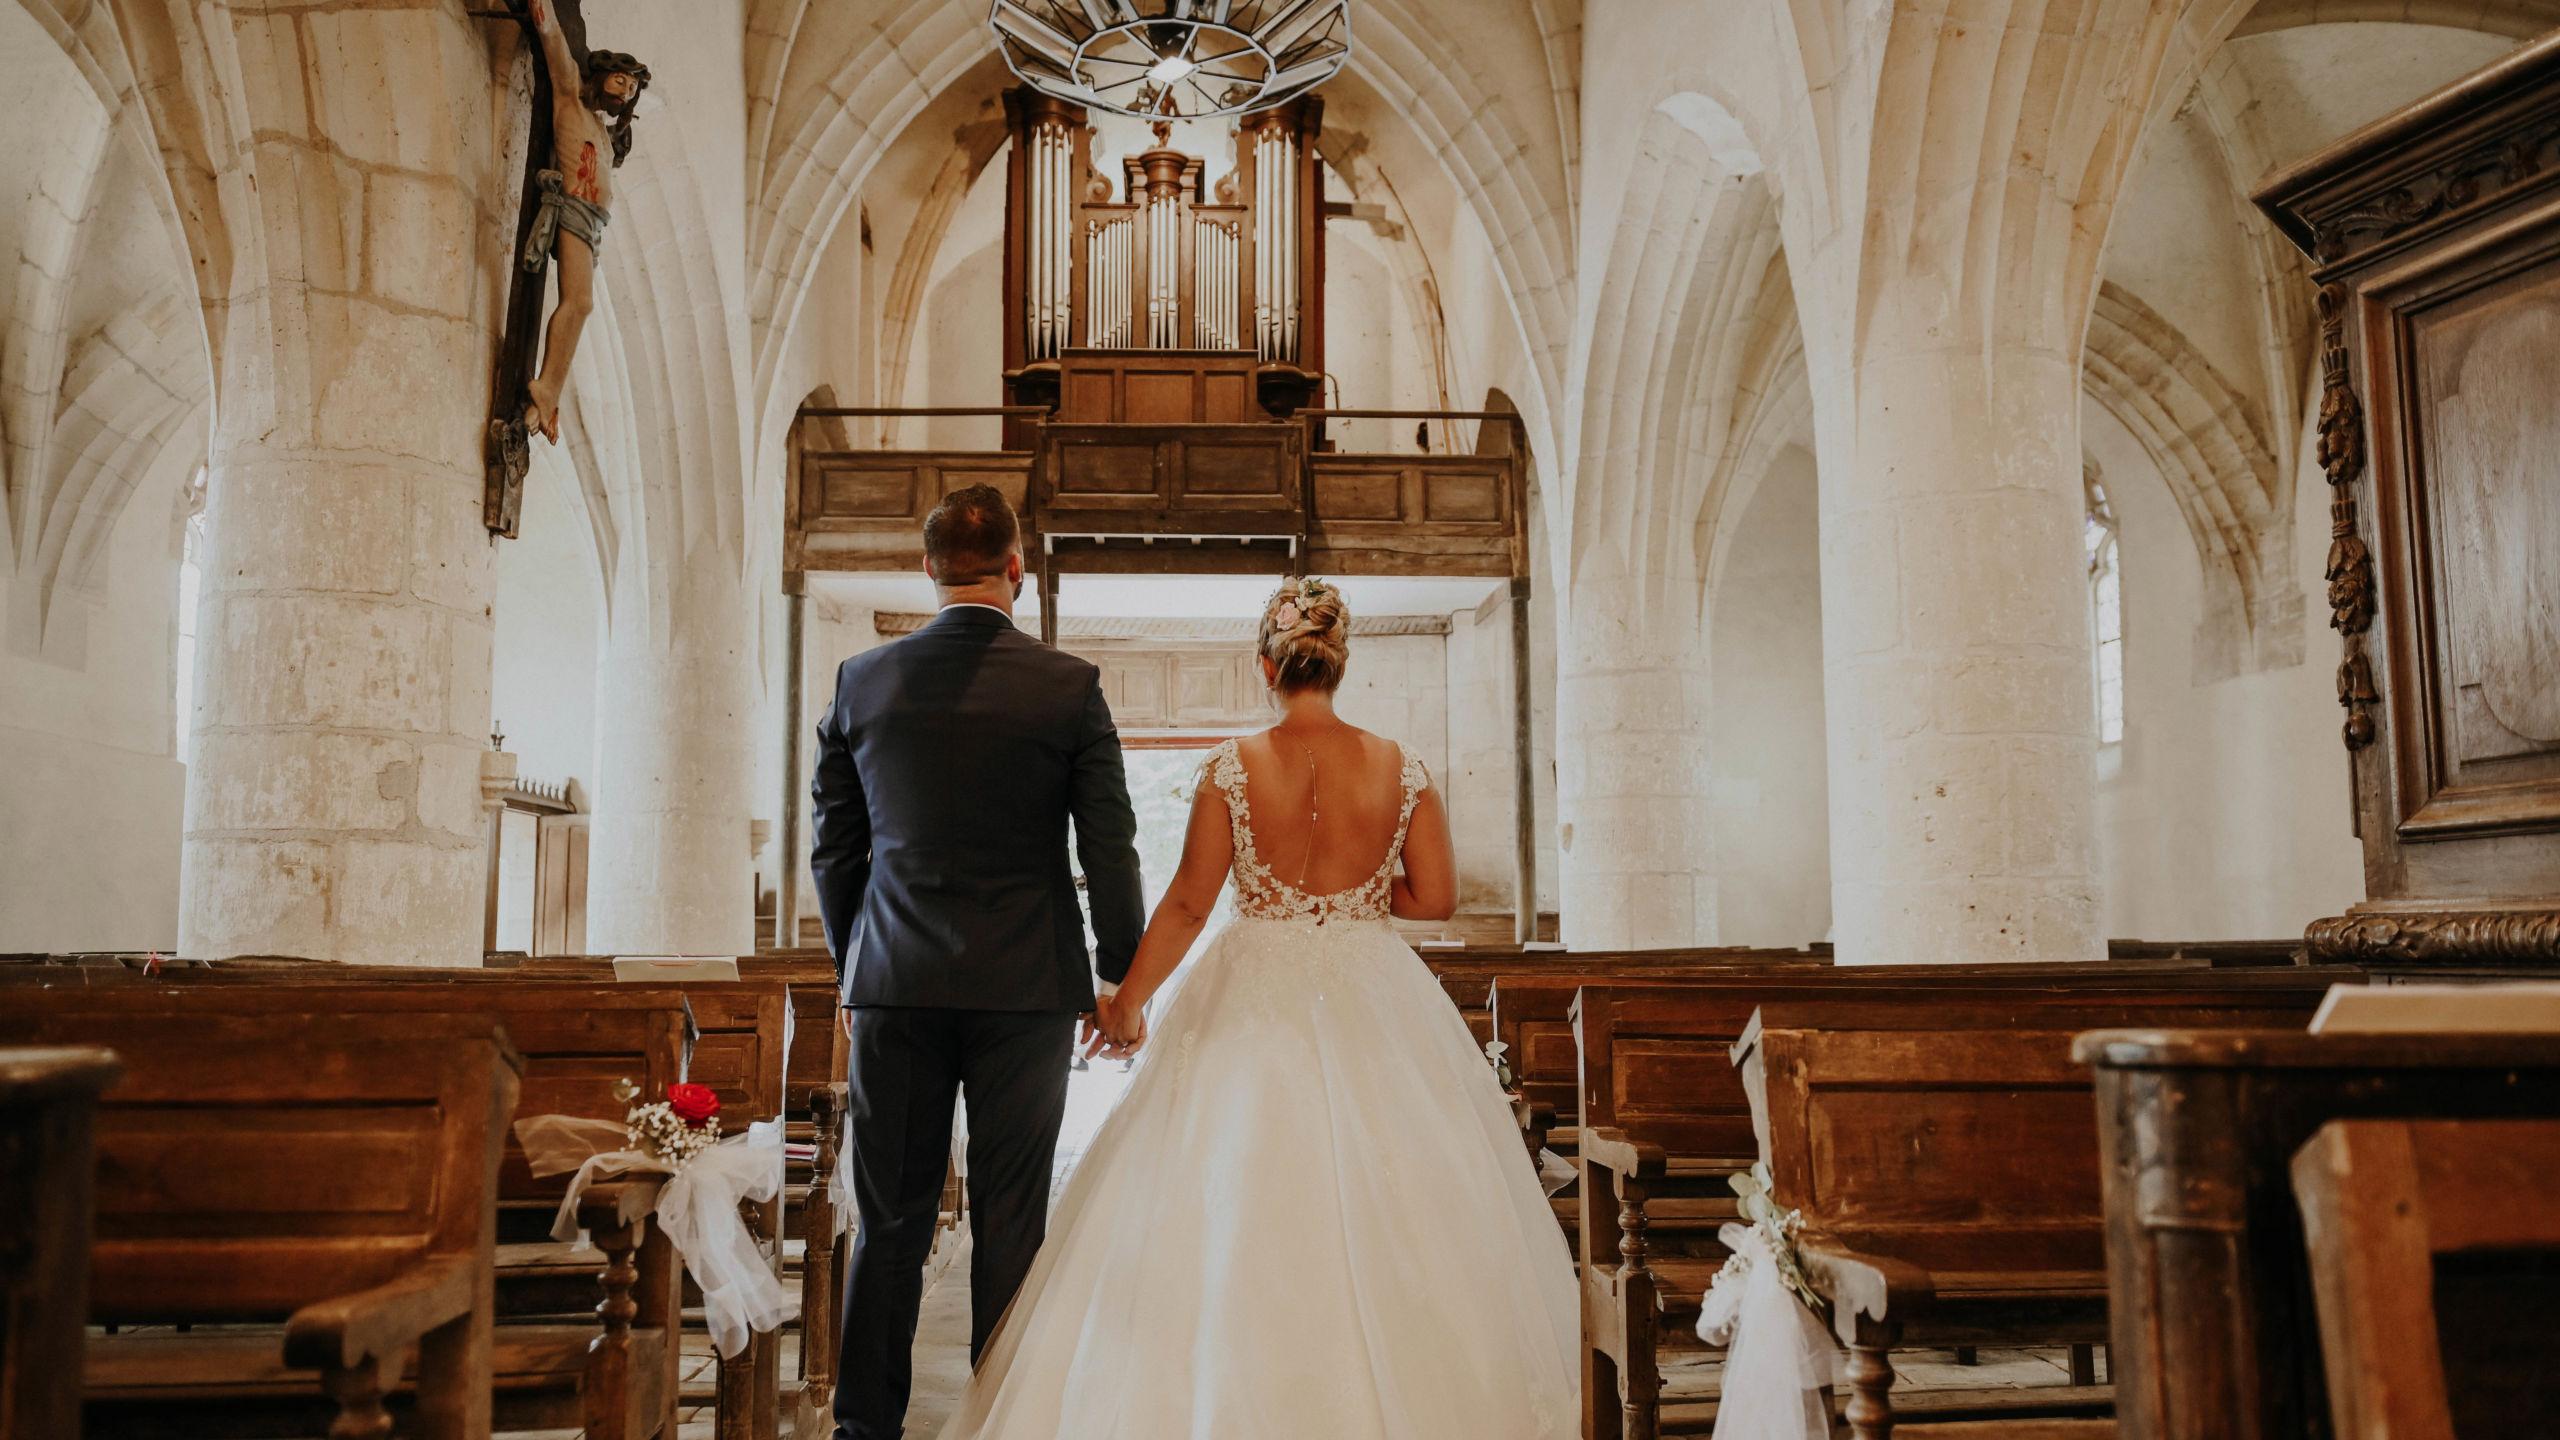 Les mariés sortant de l'église lors de leur cérémonie religieuse - Perfect Moment by A - Wedding-Planner Reims